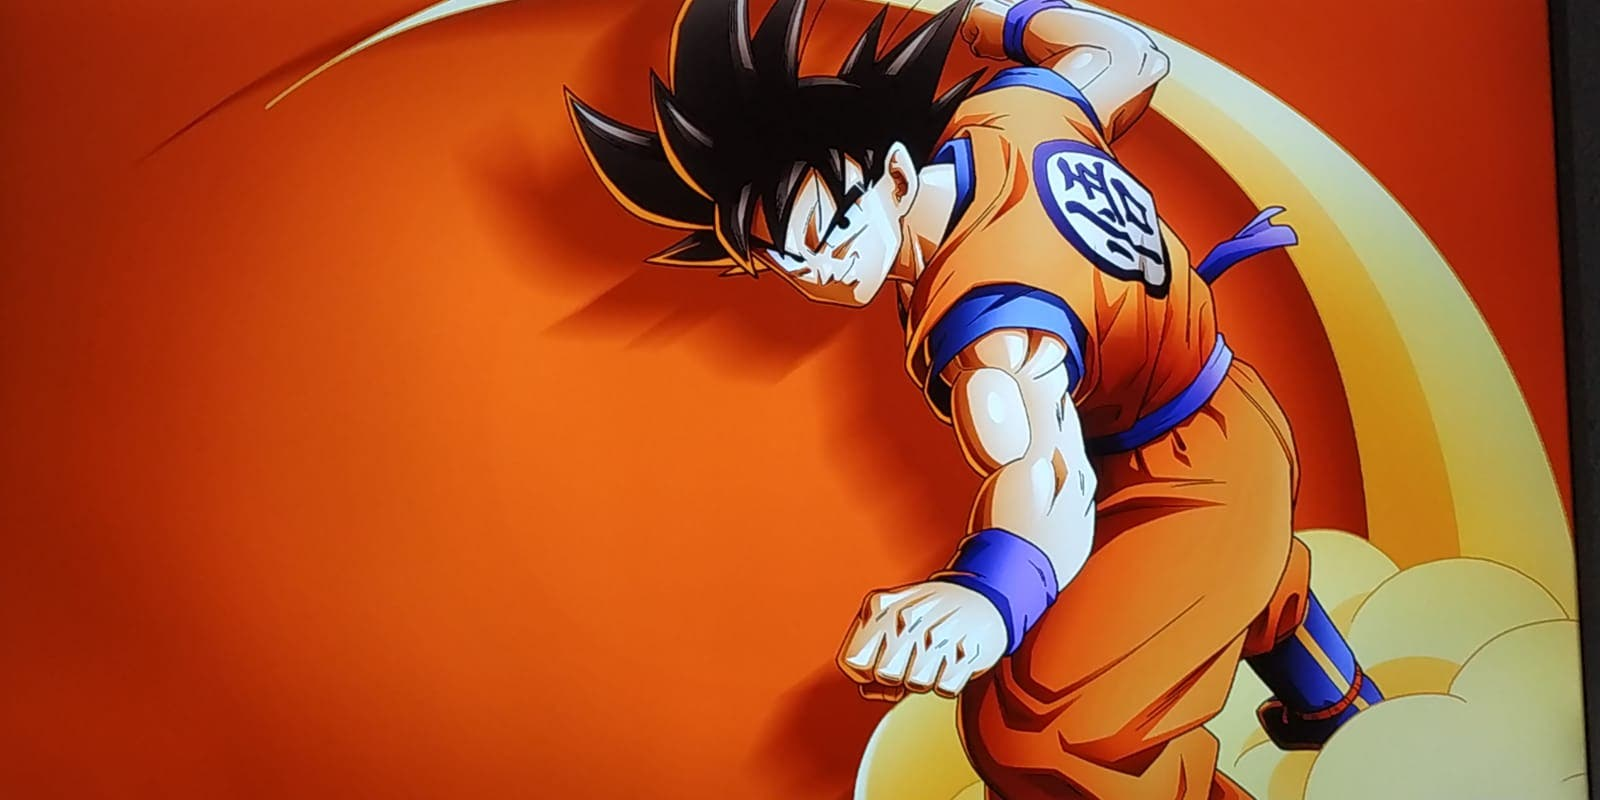 Dragon Ball Z: Kakarot se mantiene como lo más vendido en UK mientras que The Witcher 3 sube posiciones 1